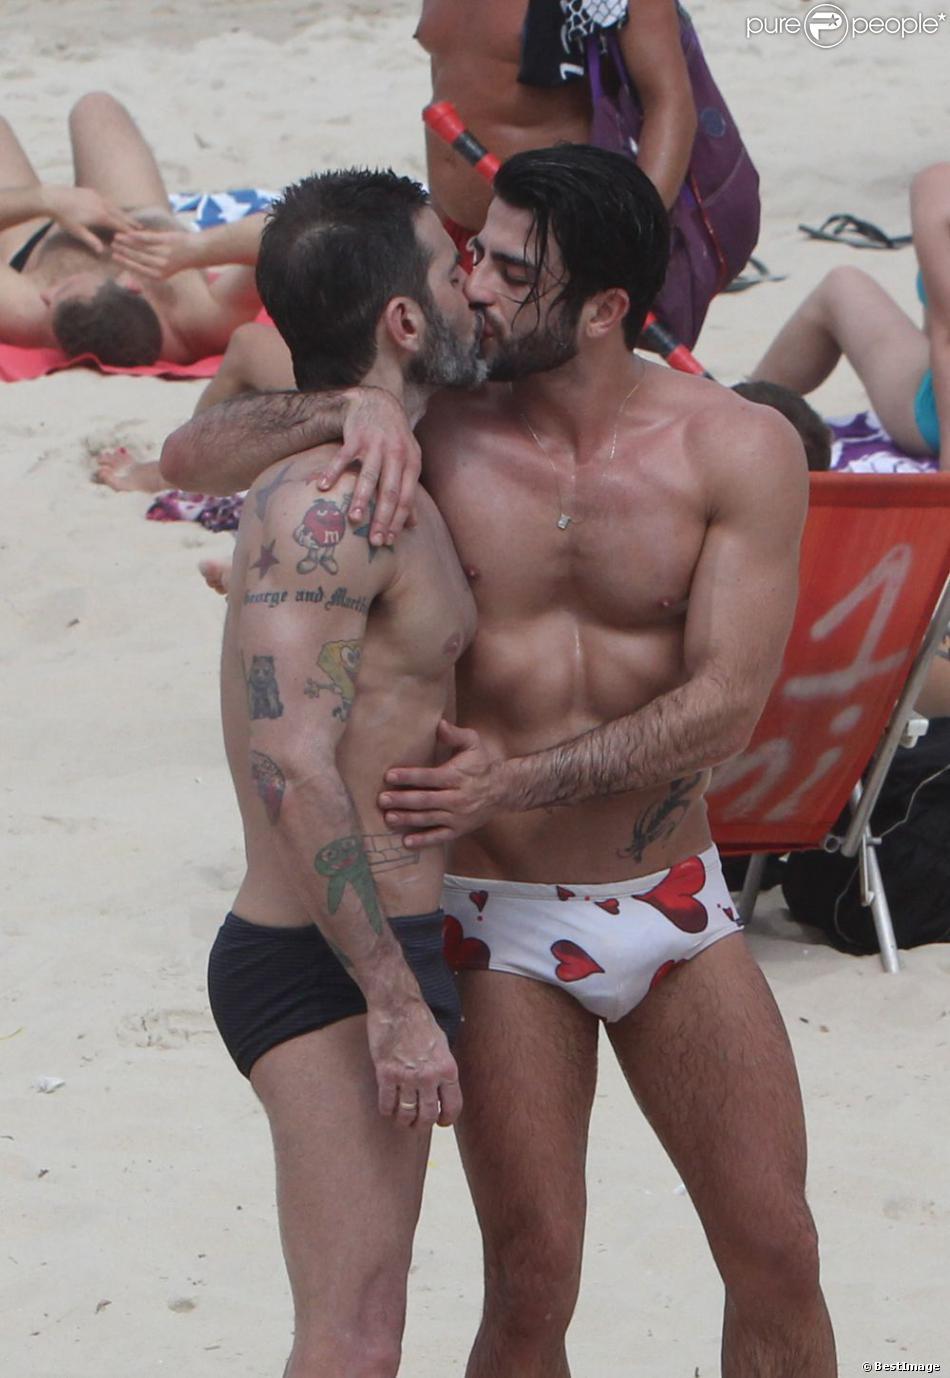 Marc Jacobs et son petit ami Harry Louis s'embrassent sur une plage d'Ipanema à Rio de Janeiro, le 7 avril 2013.